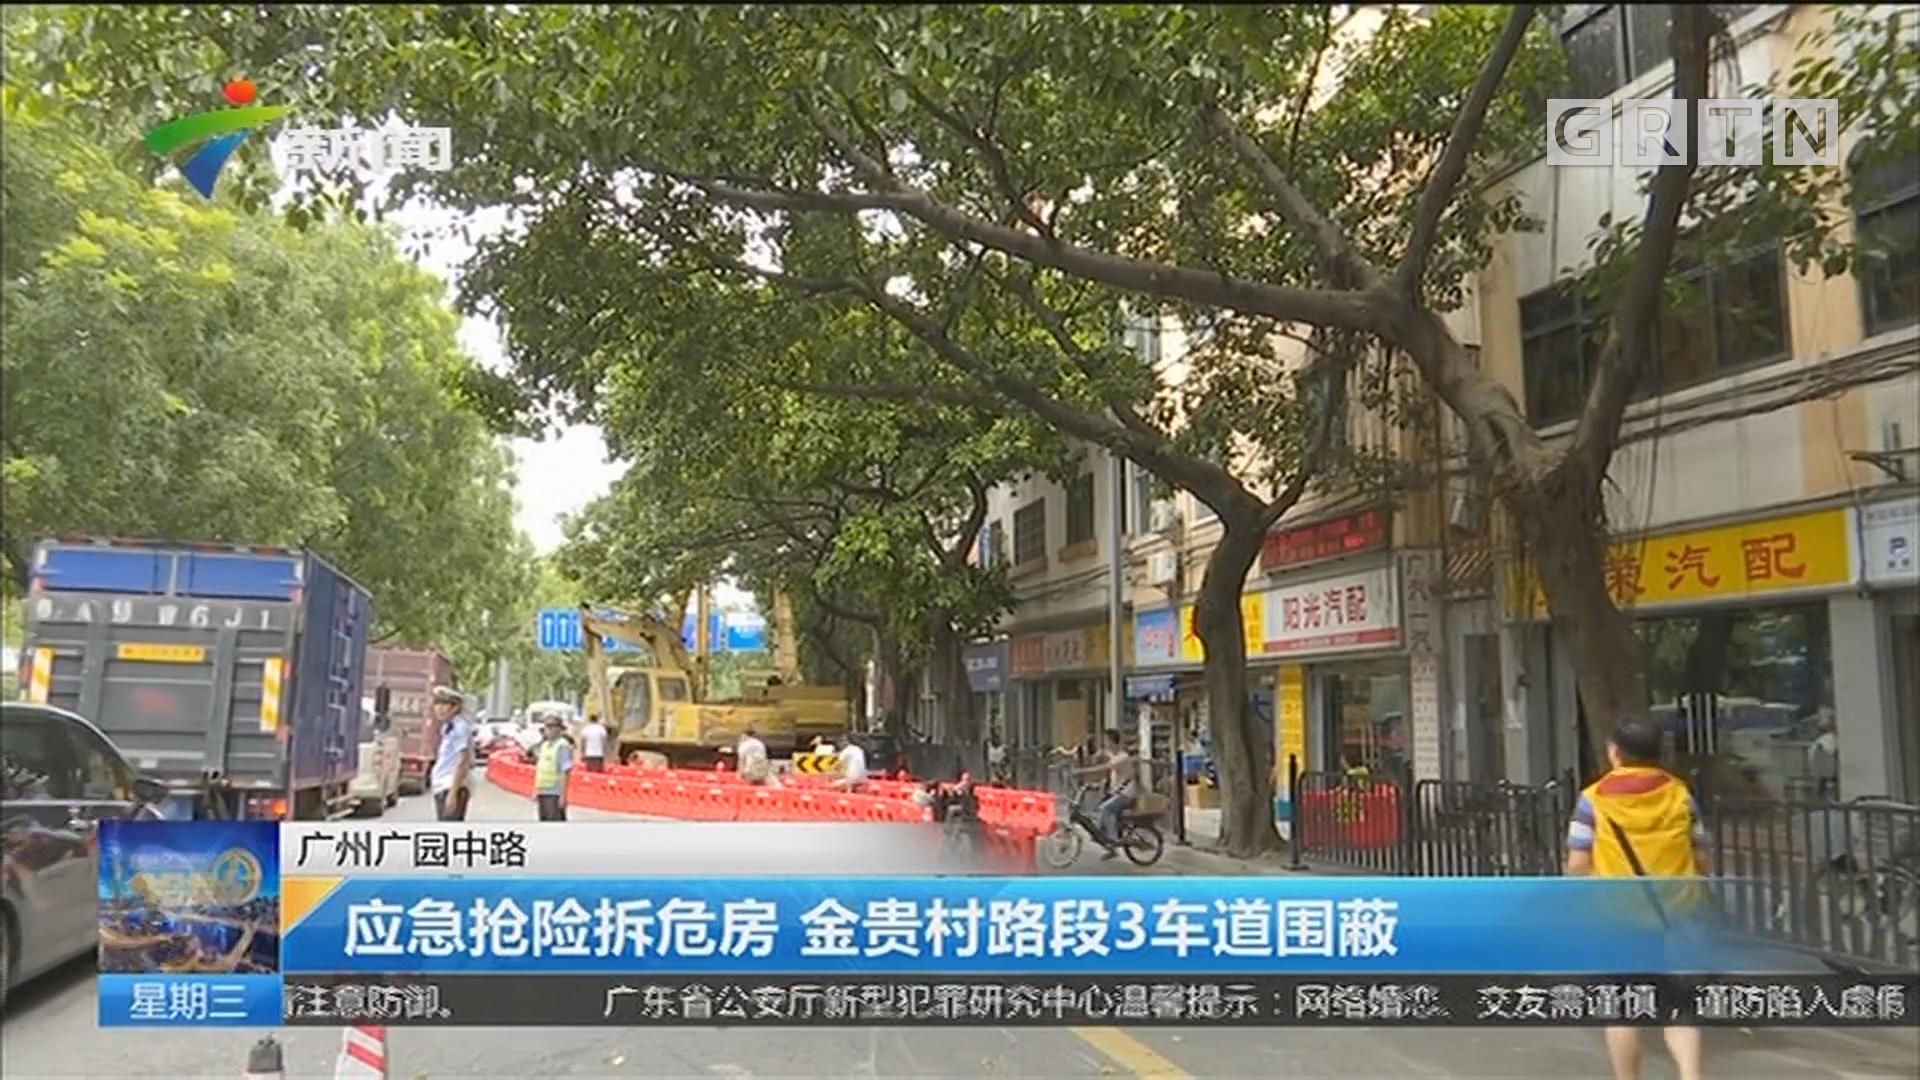 广州广园中路:应急抢险拆危房 金贵村路段3车道围蔽